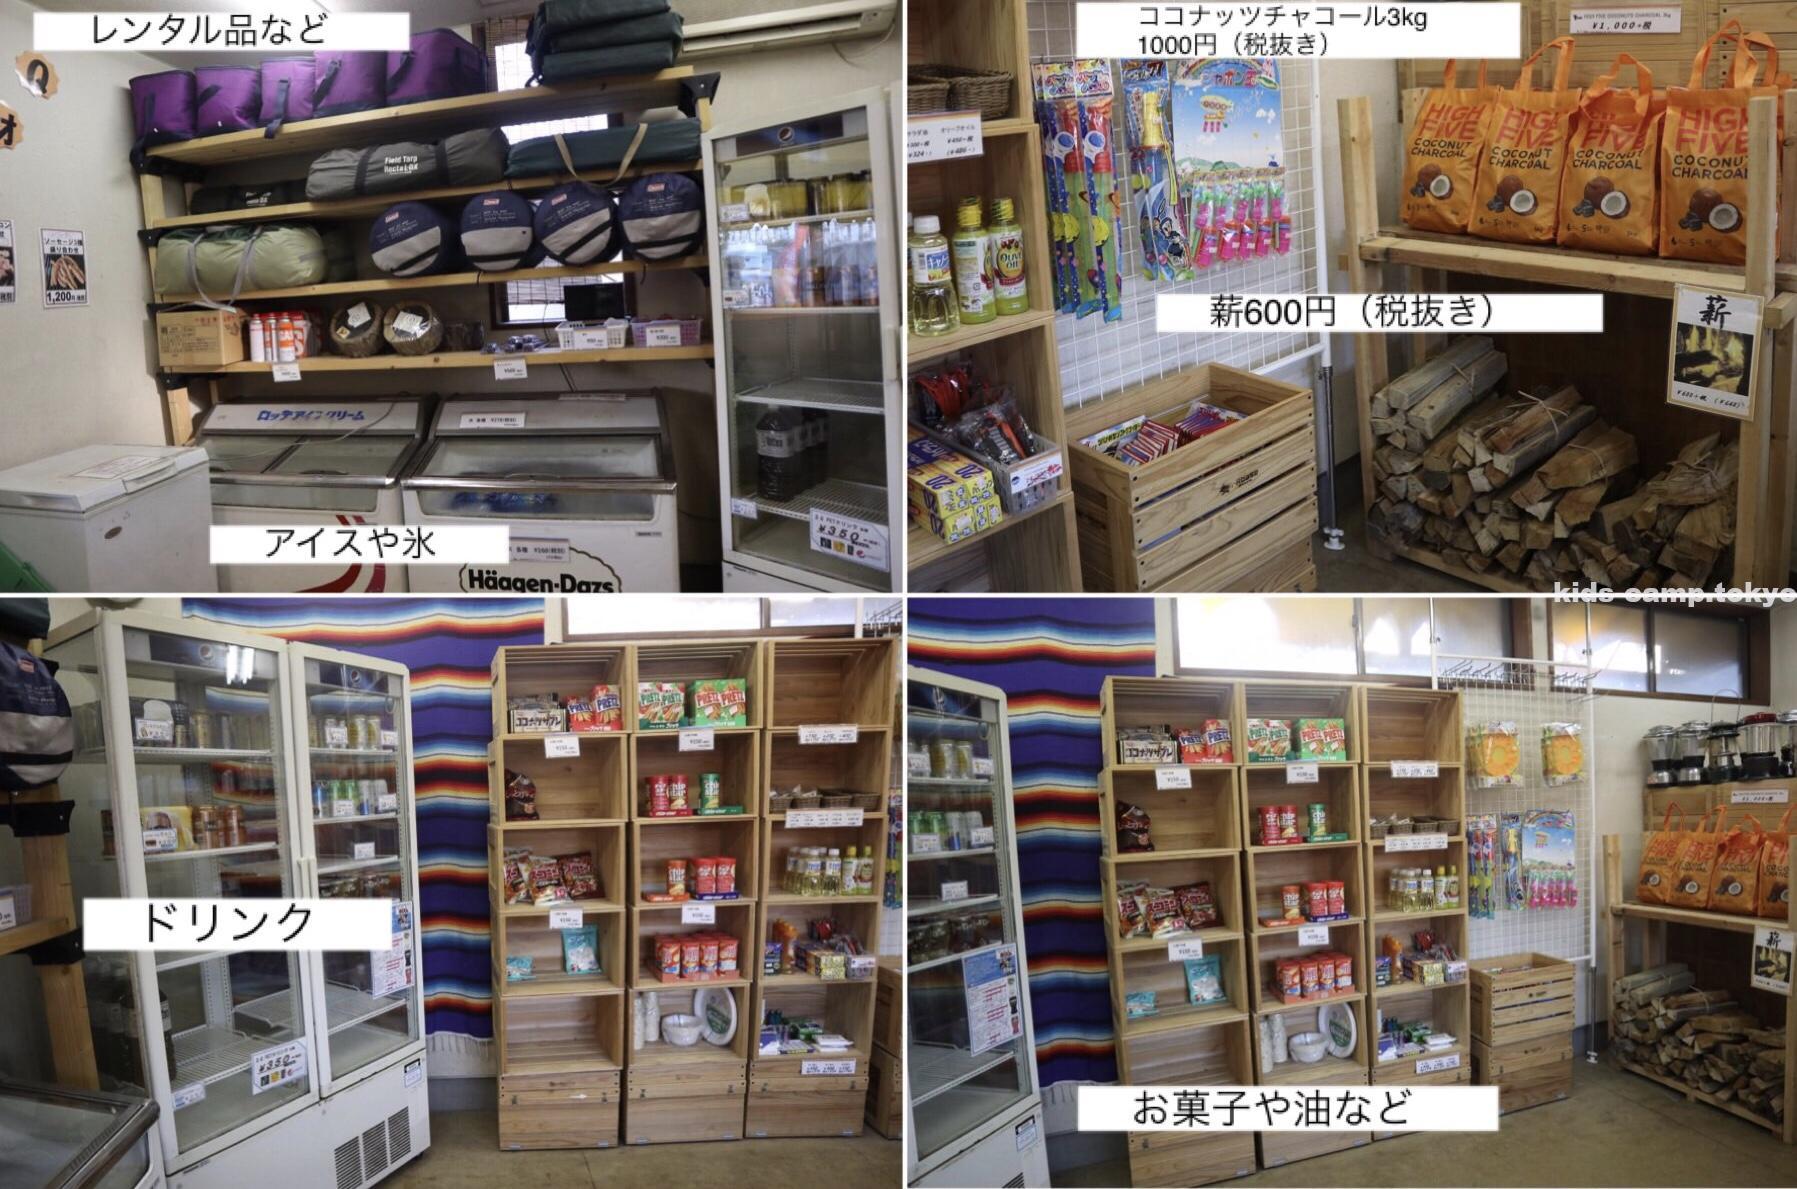 城南島アウトドアセンター 品揃え 店内 画像